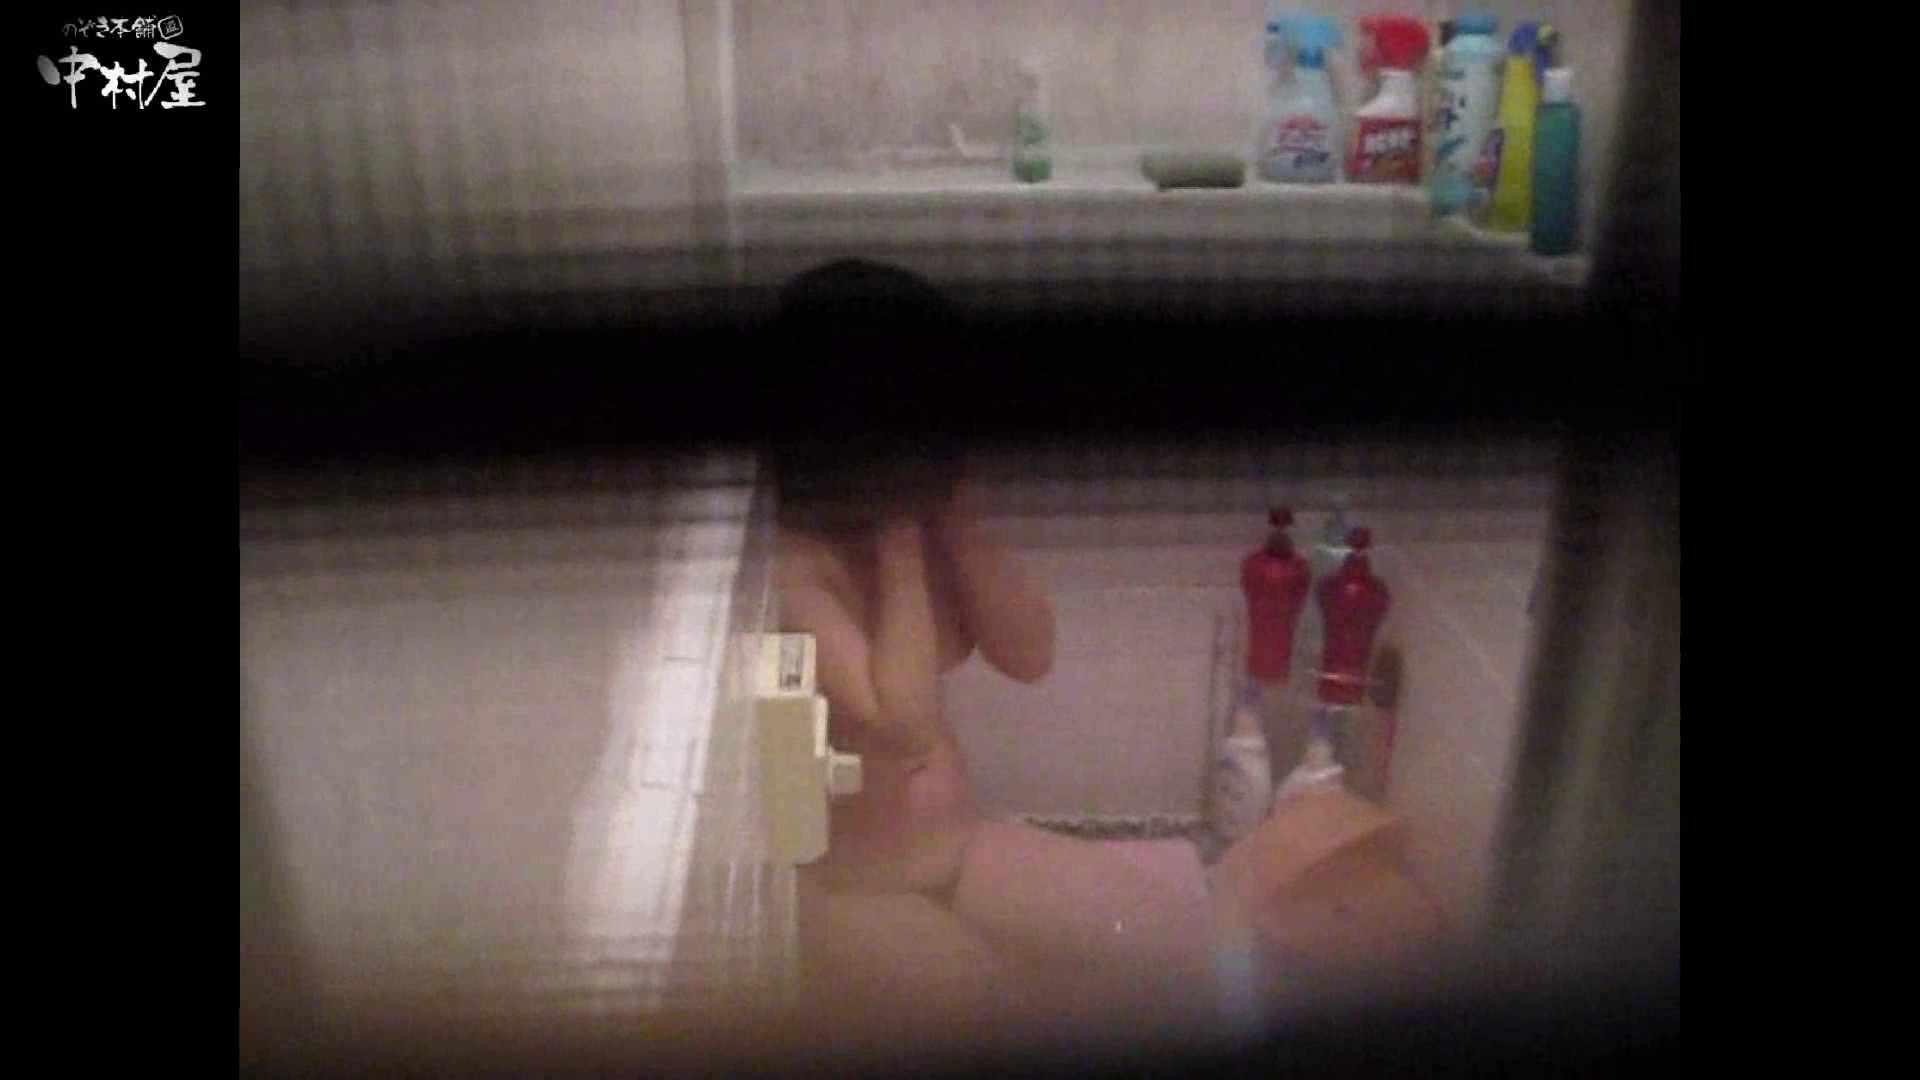 民家風呂専門盗撮師の超危険映像 vol.017 盗撮 覗きおまんこ画像 87画像 51